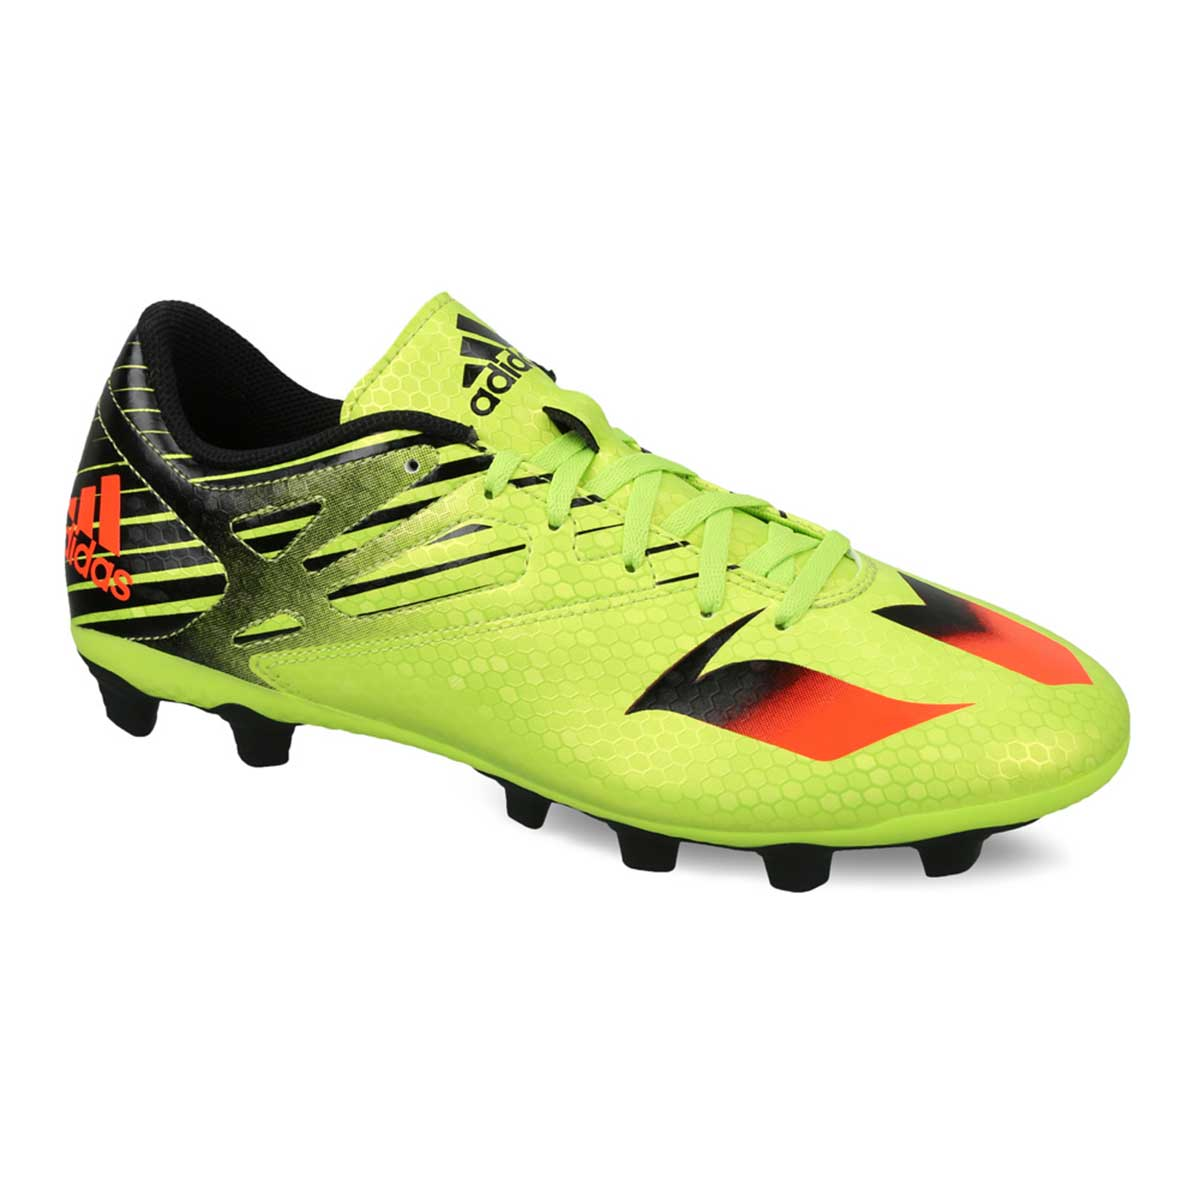 Messi Fxg 4 15 Boots Football Schuhe Adidas Junior Green 5LR4A3j